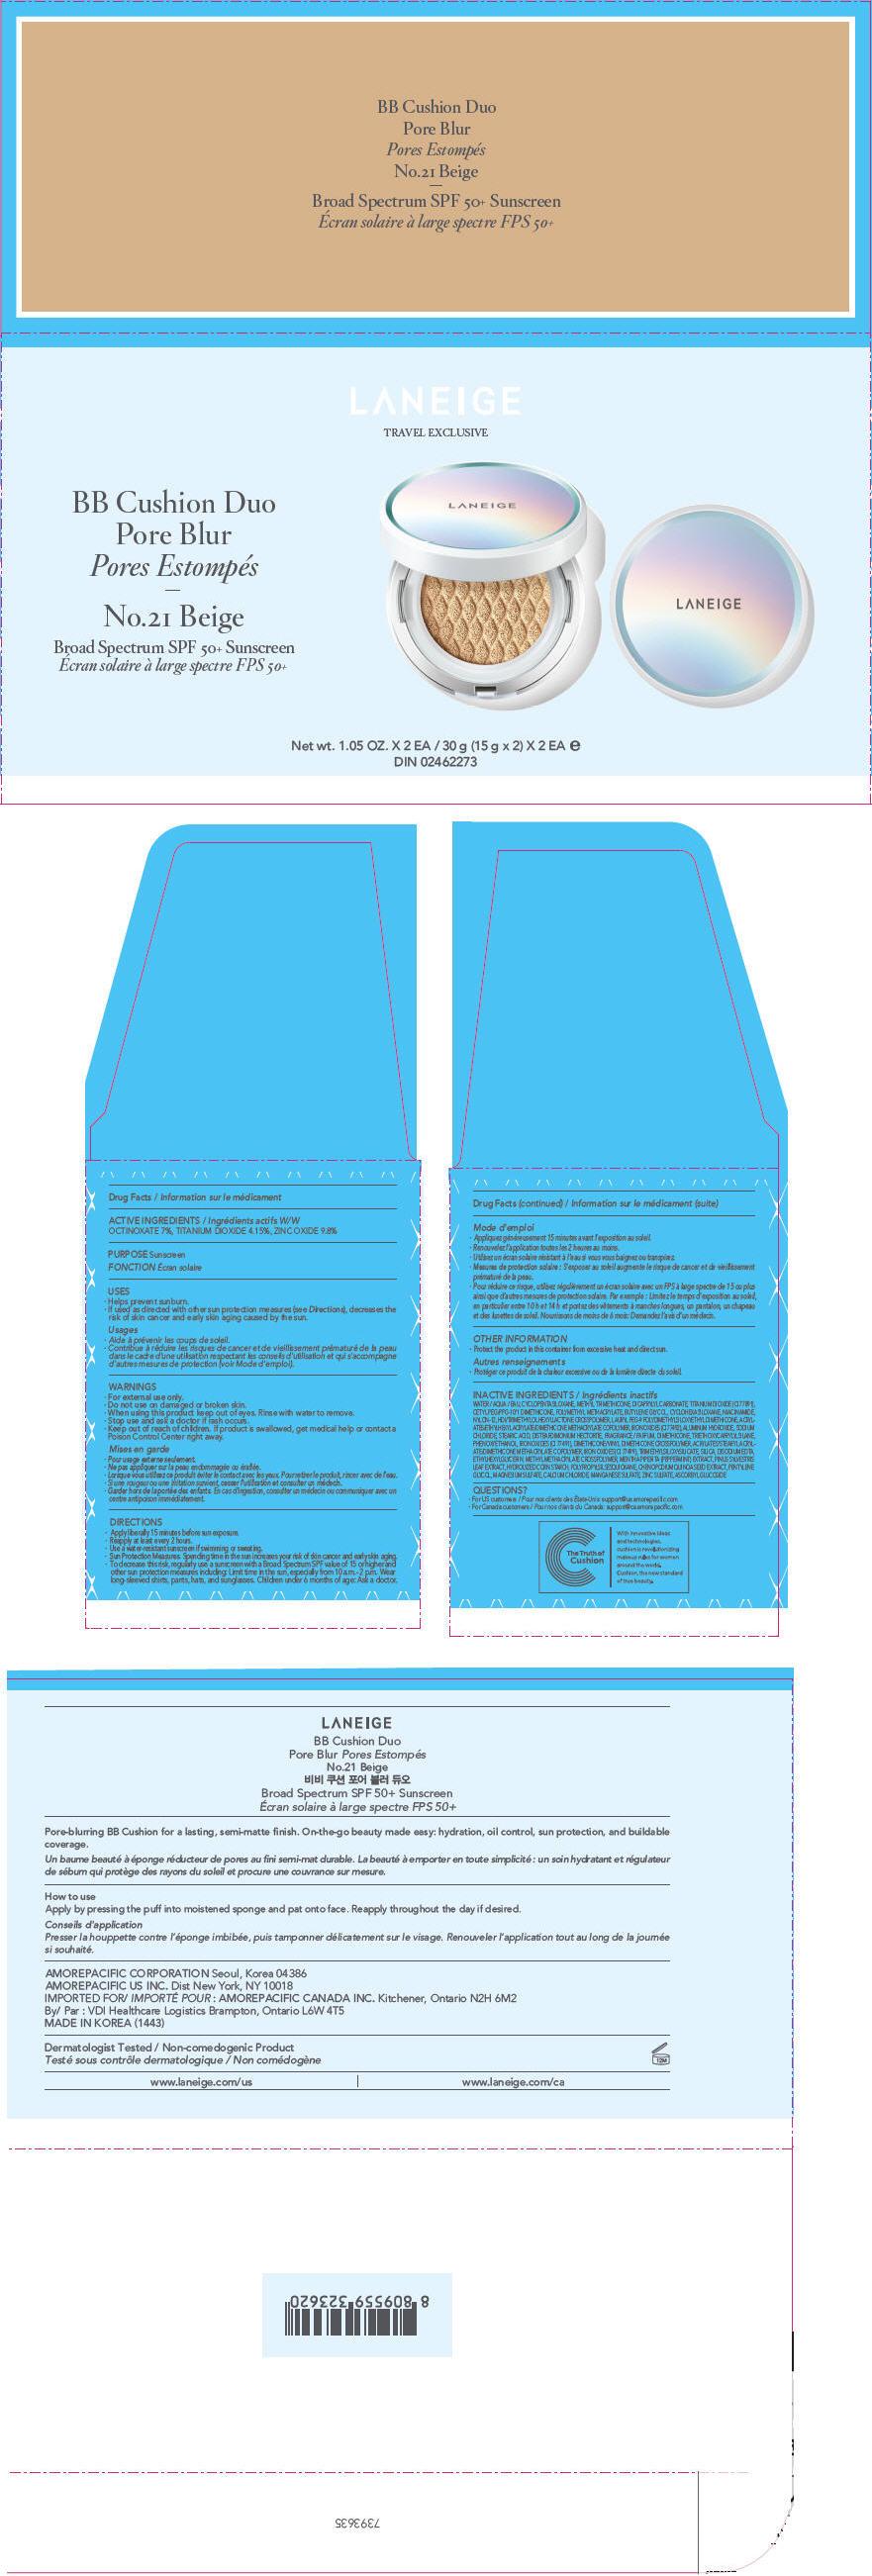 PRINCIPAL DISPLAY PANEL - 30 g Container Carton - No.21 Beige